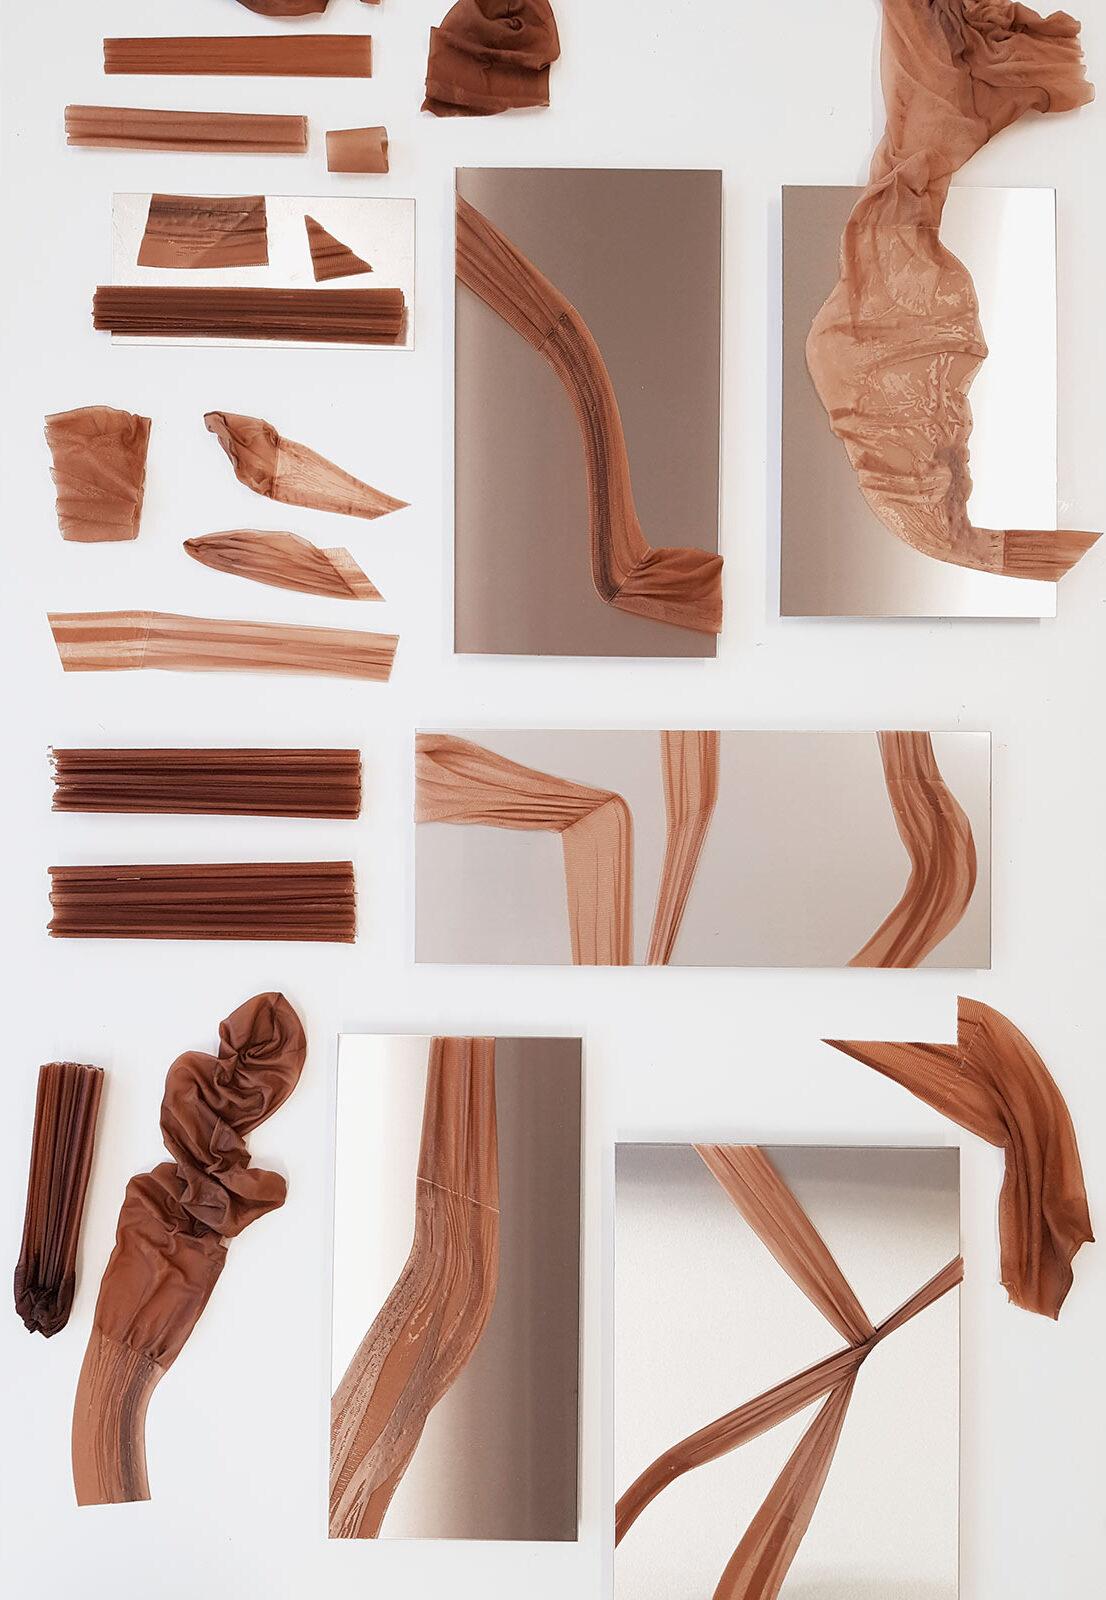 Eine Auslegeordnung im Atelier mit rostfreien Stahlplatten und darauf gelegten zerschnittenen Strumpfstücke mit ausgehärtetem Epoxidharz